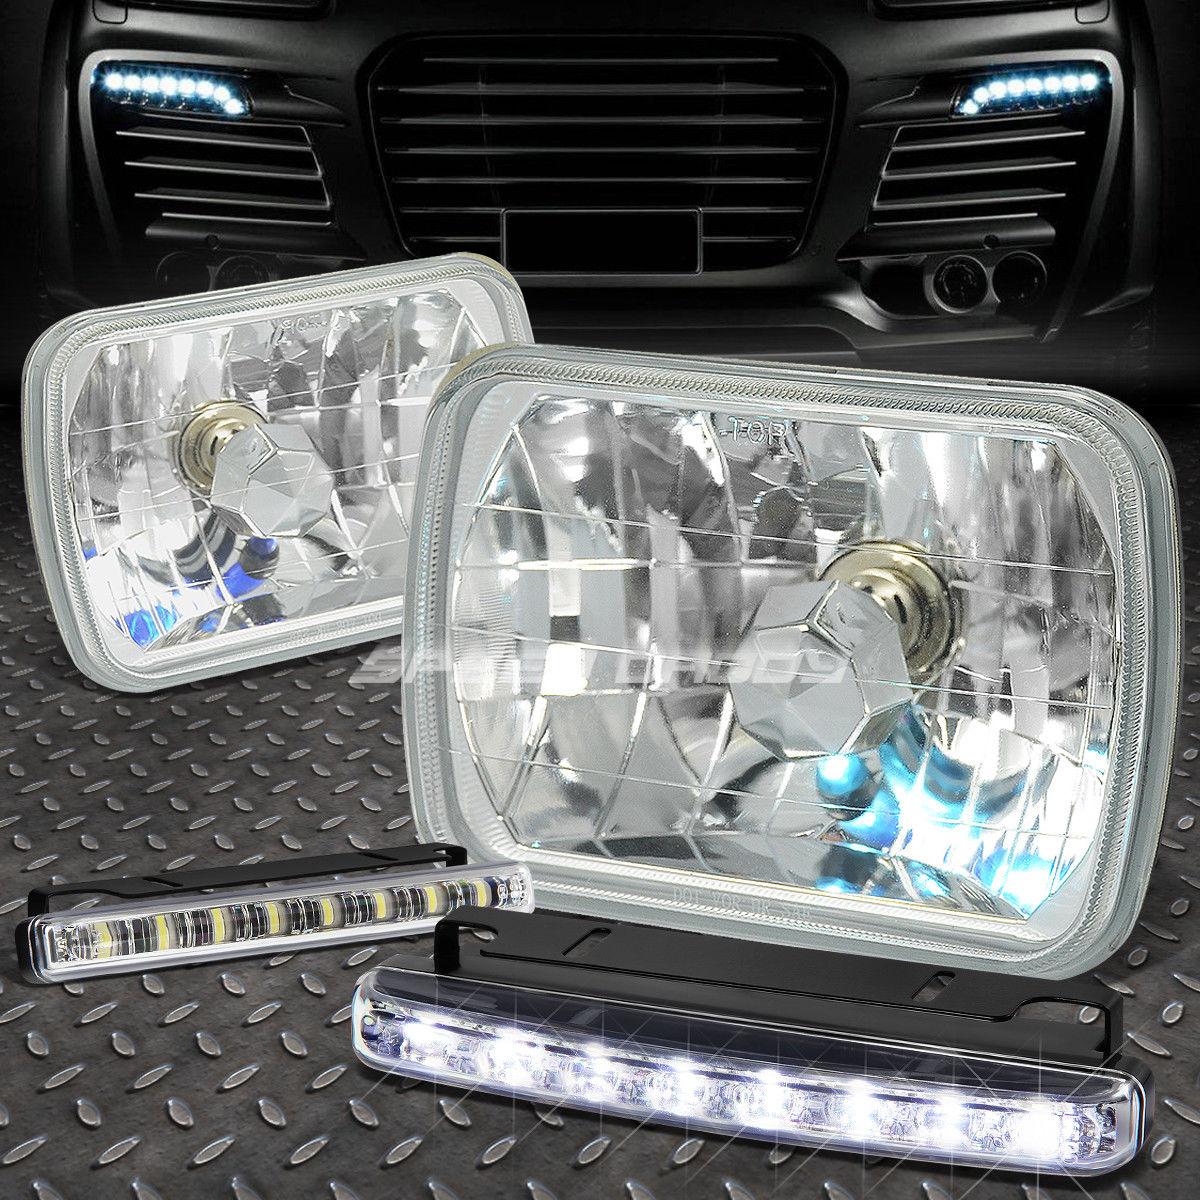 フォグライト CHROME HOUSING SQUARE DIAMOND HEADLIGHT+8 LED GRILL FOG LIGHT FOR H6014/H6054 CHROME HOUSING SQUAREダイヤモンドヘッドライト+ H6014 / H6054用8 LEDグリルフォグライト